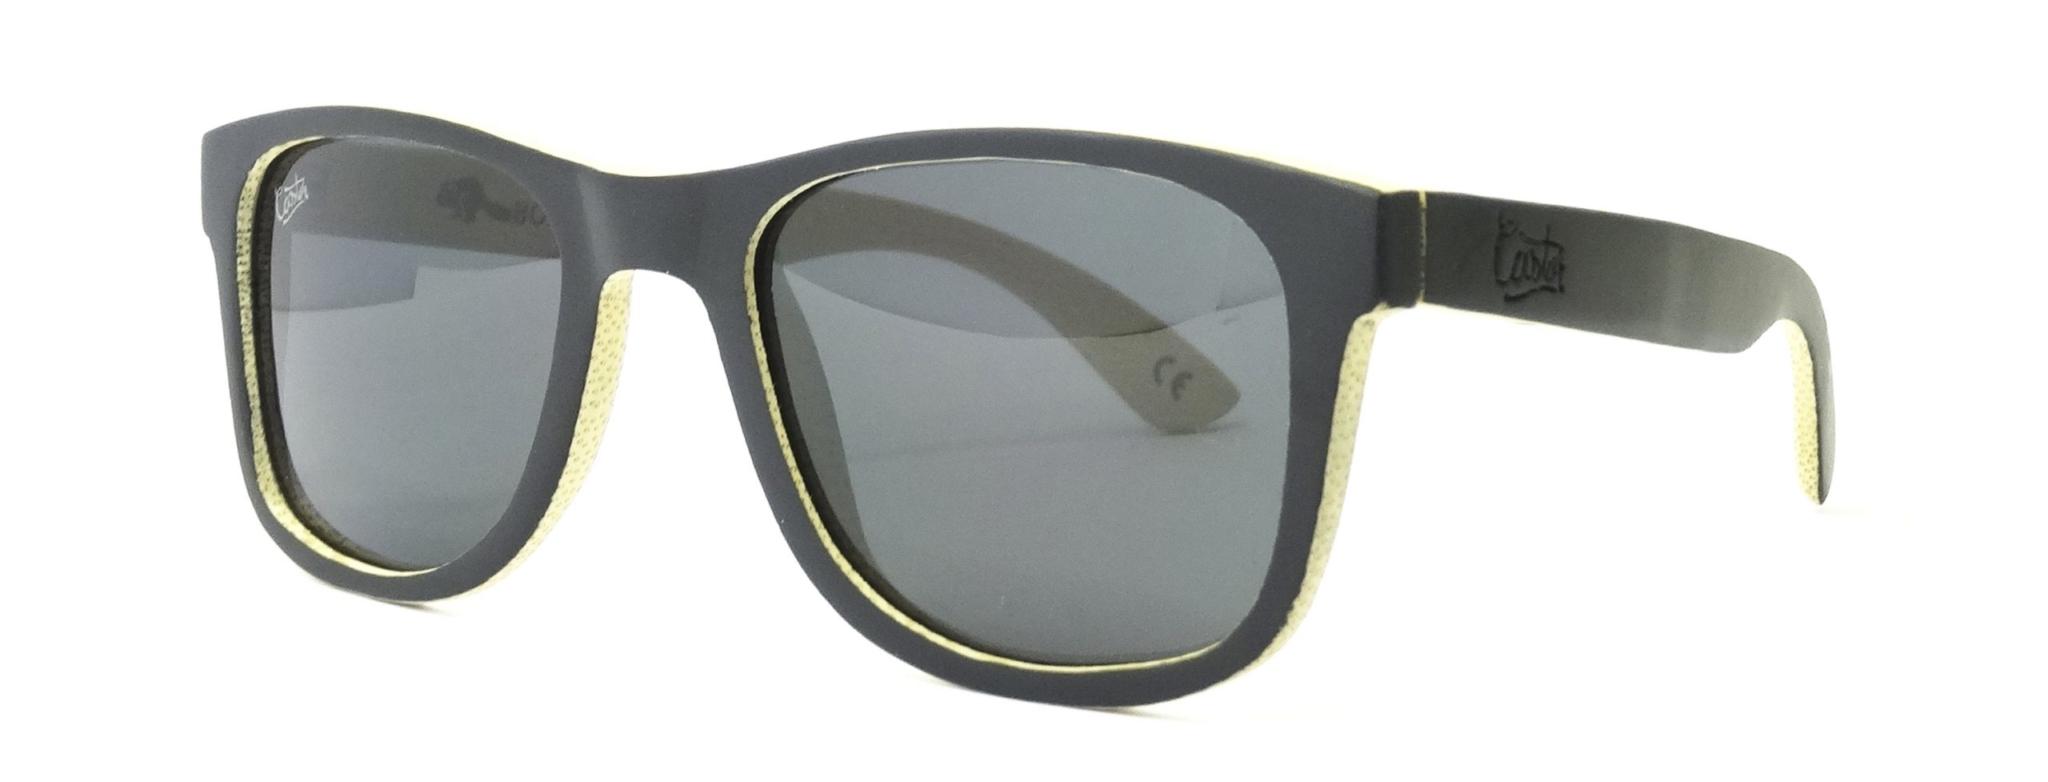 614d9d30-20b-gafas-de-sol